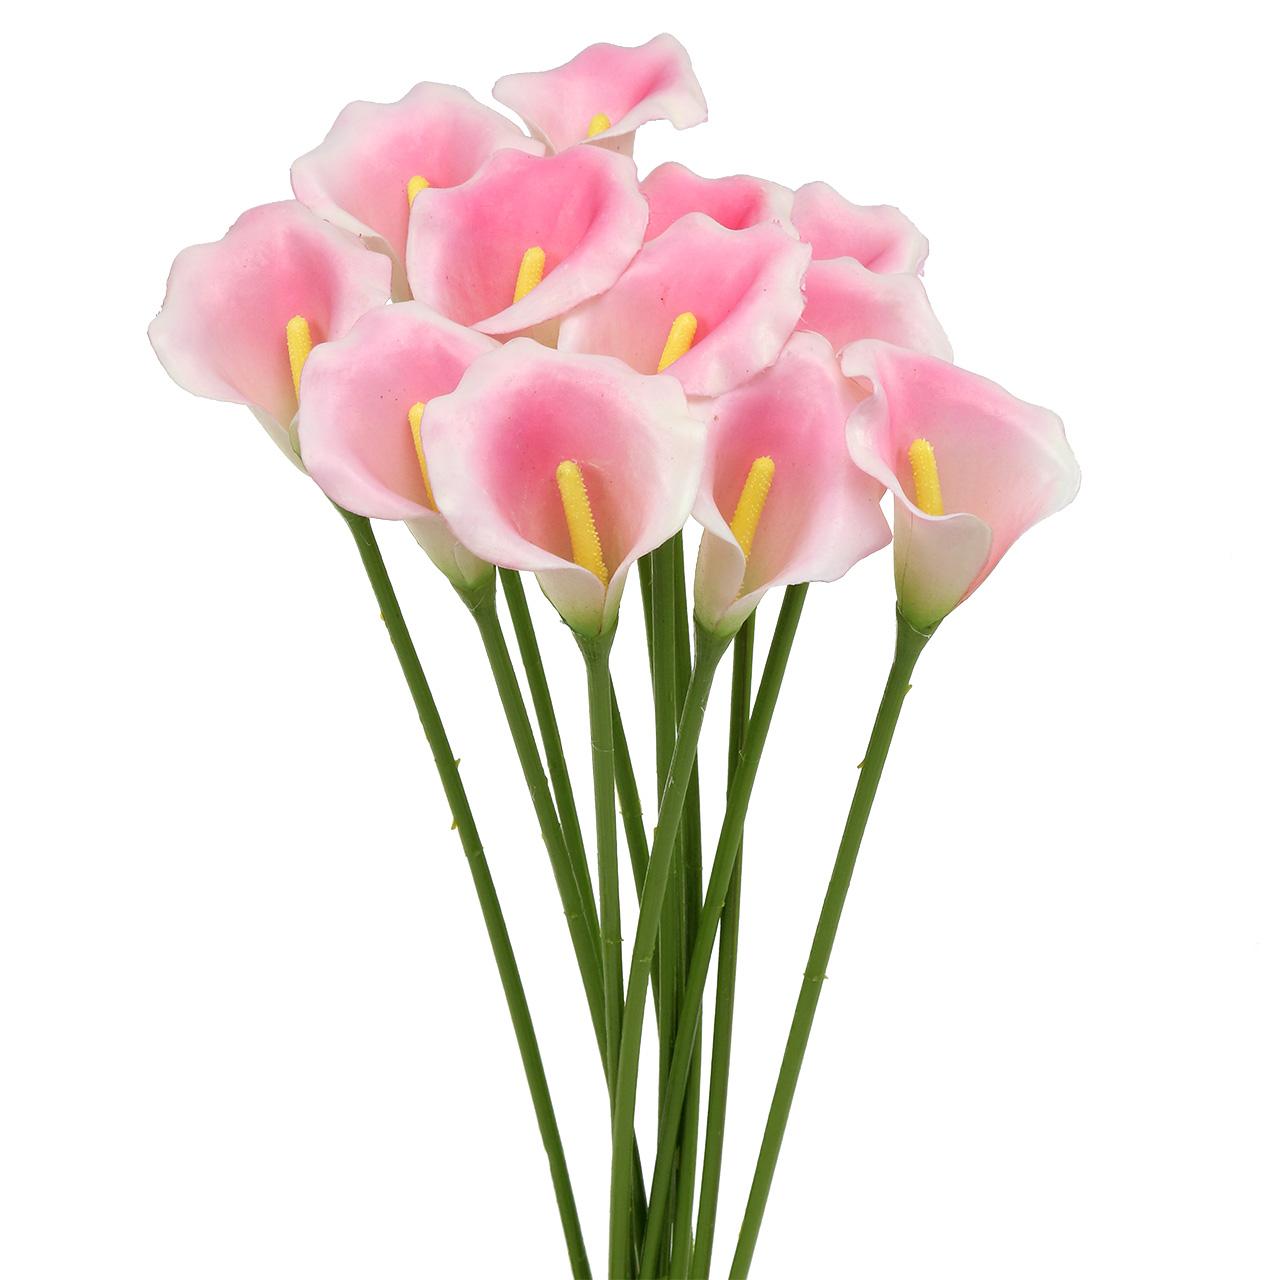 calla deko blume rosa 57cm 12st preiswert online kaufen. Black Bedroom Furniture Sets. Home Design Ideas